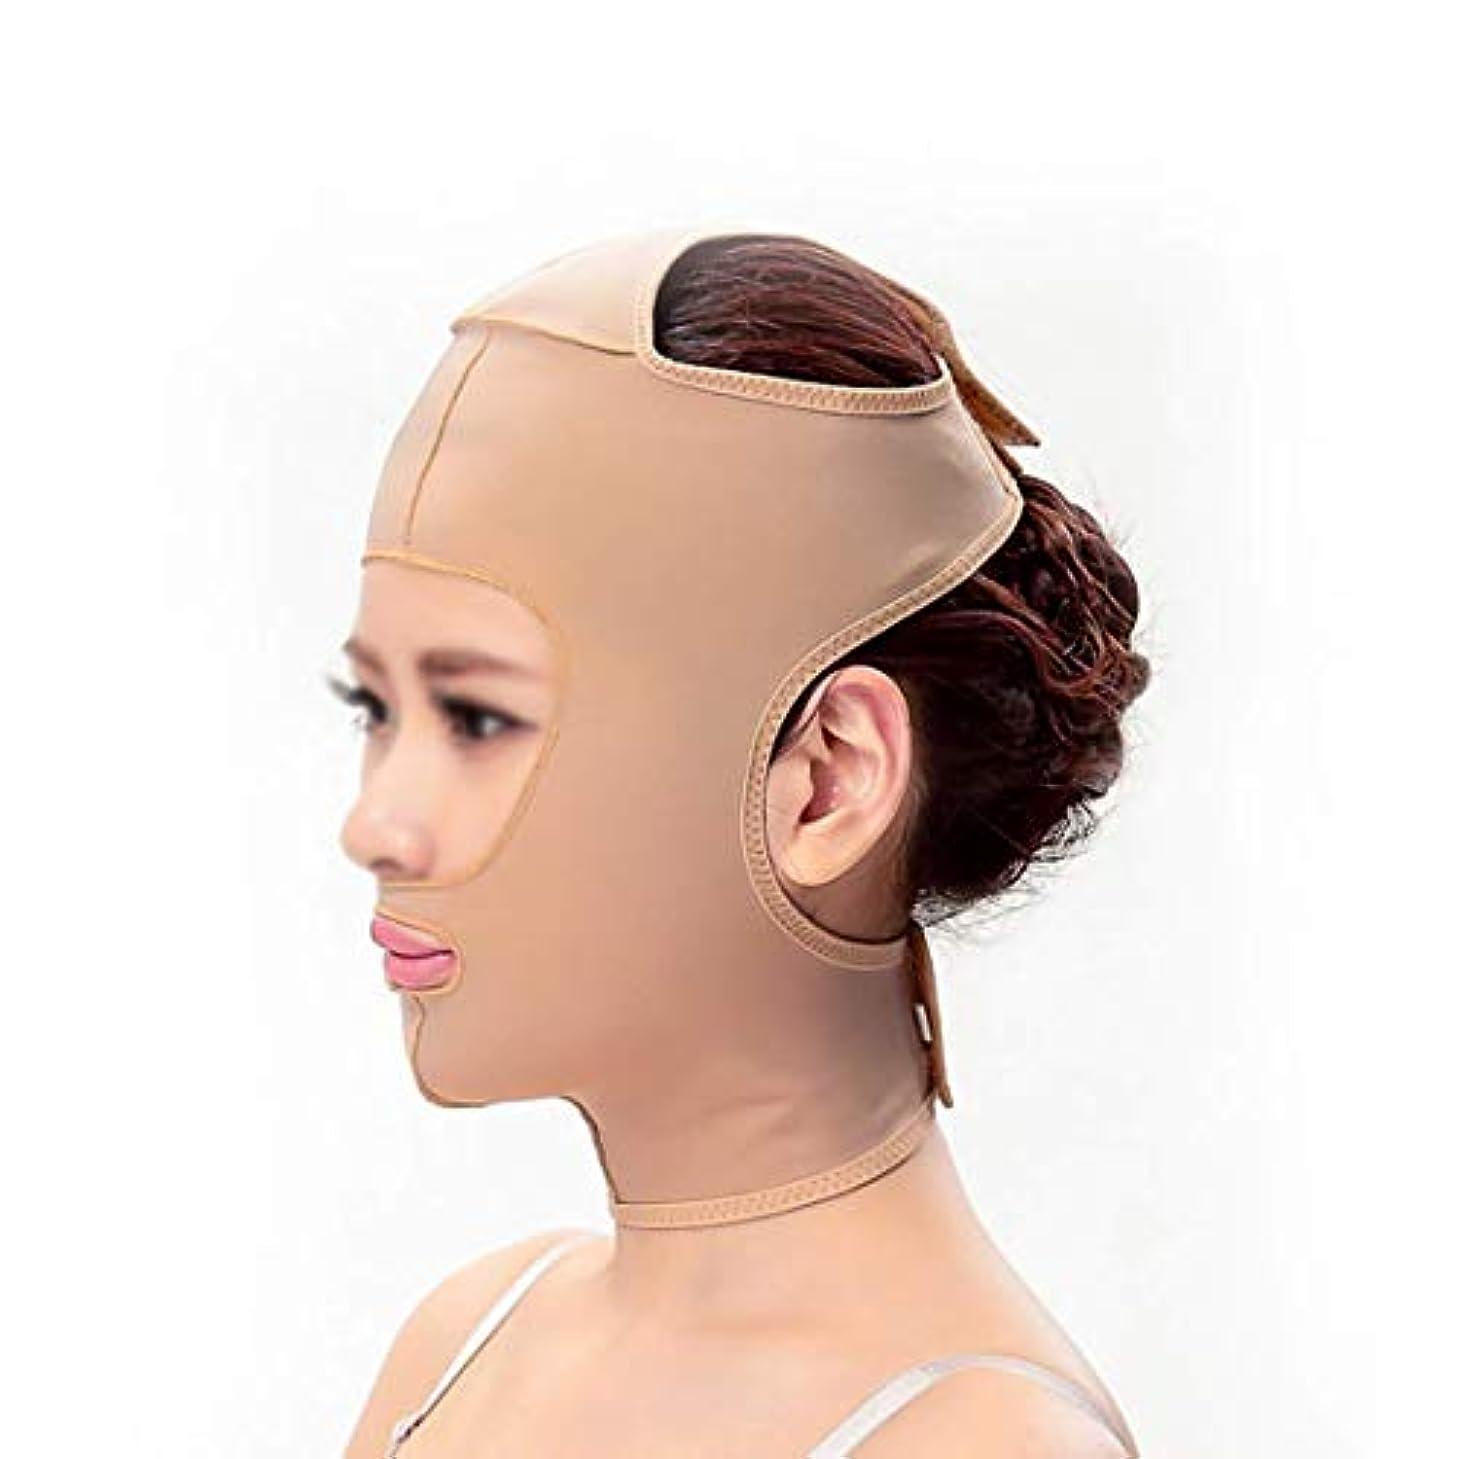 検体なんとなく美人スリミングベルト、二重あごの引き締め顔面プラスチックフェイスアーティファクト強力なフェイスバンデージをサイズアップするために顔面マスクシンフェイスマスク,XXL